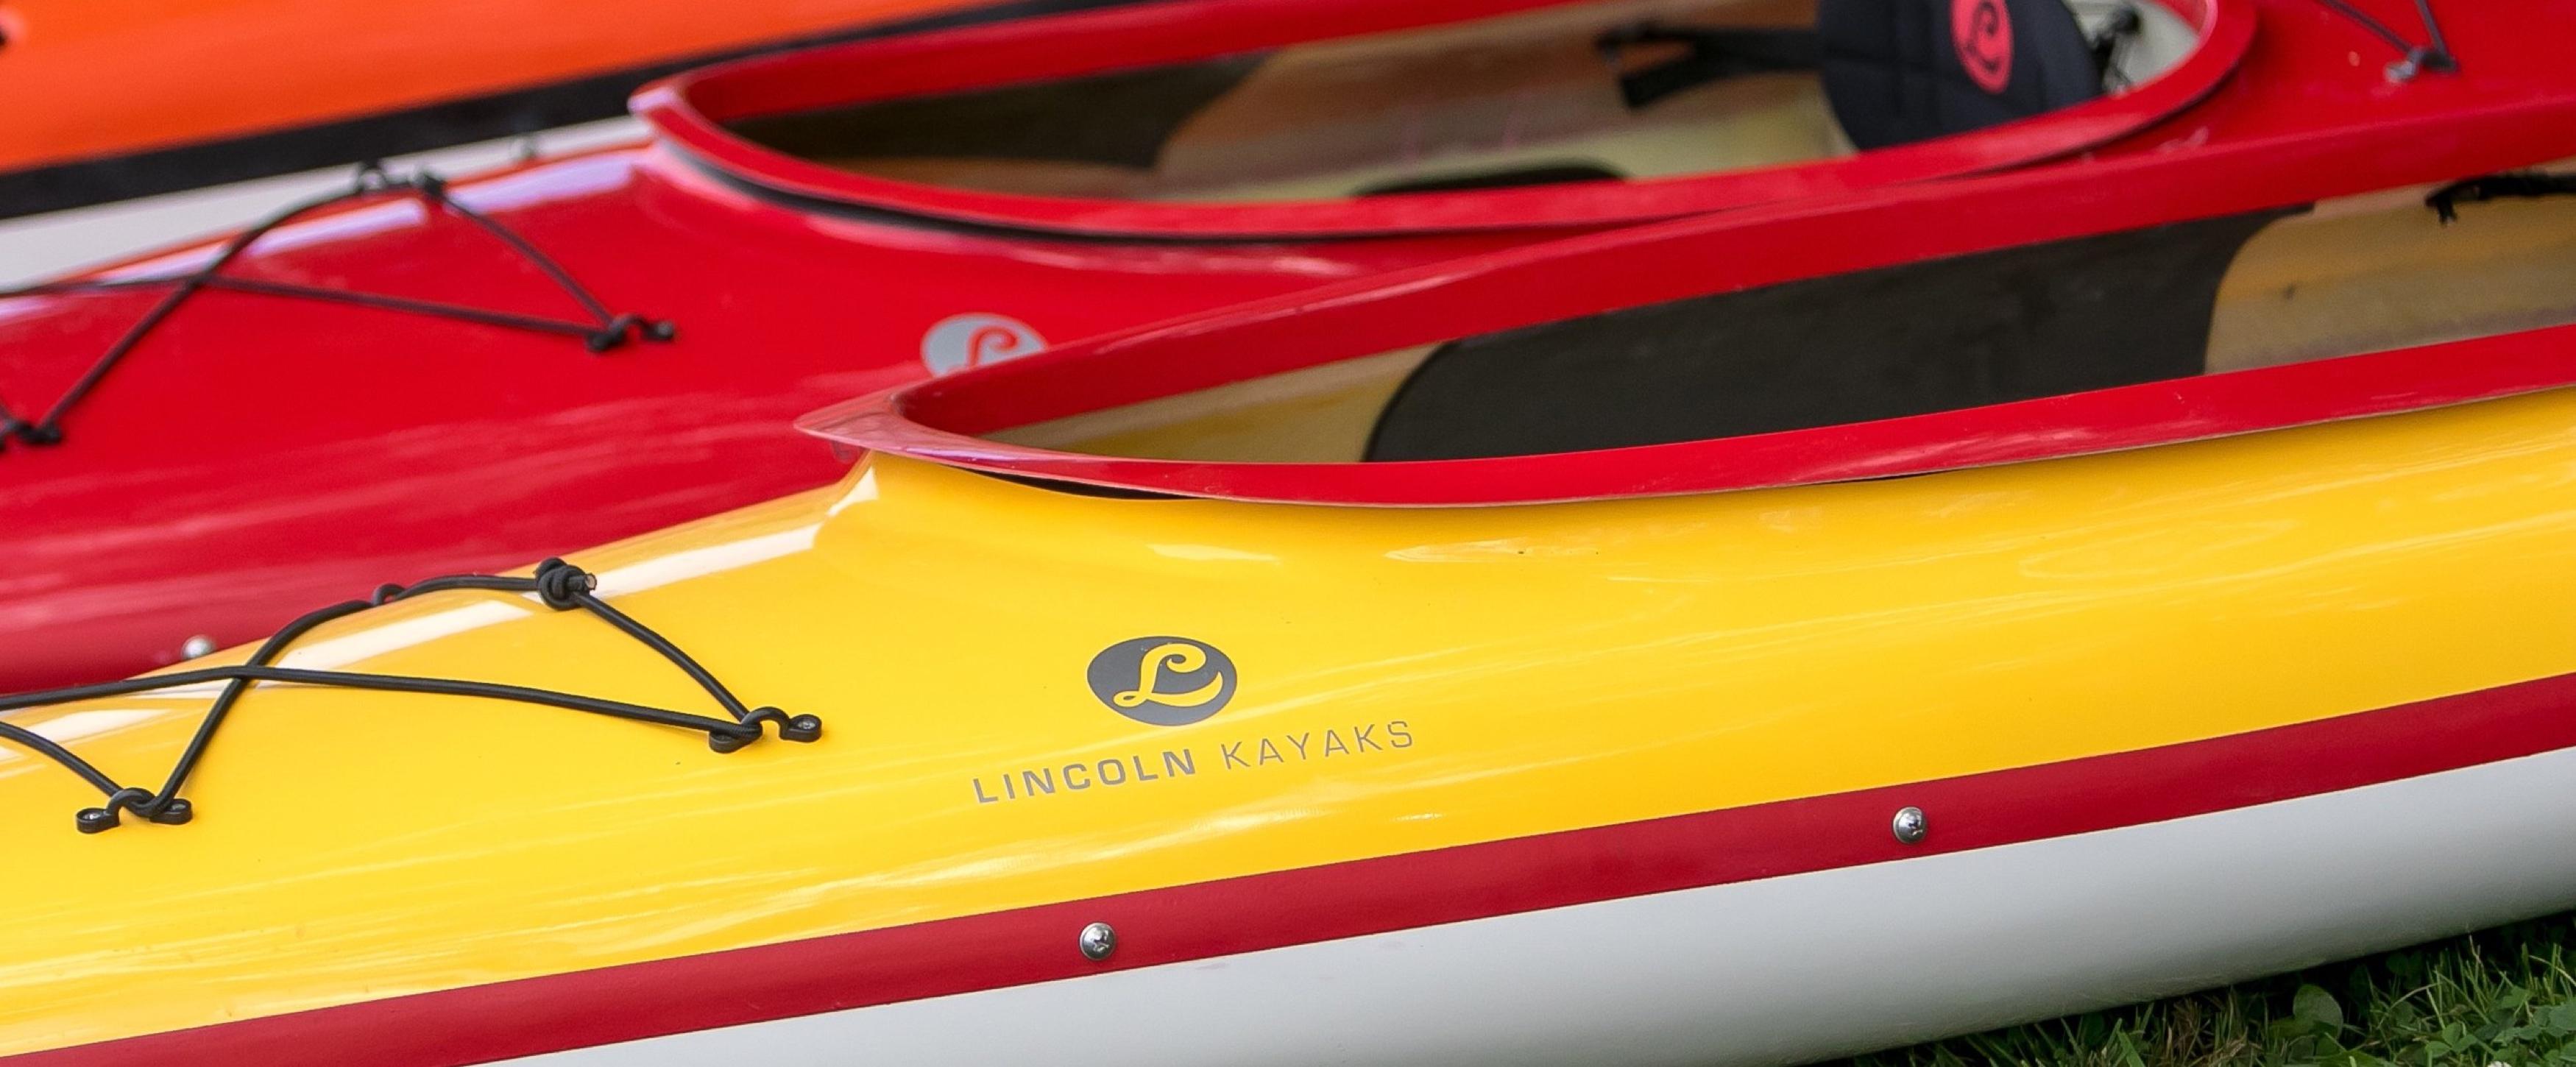 Kayaks – Welcome to Lincoln Canoe & Kayak